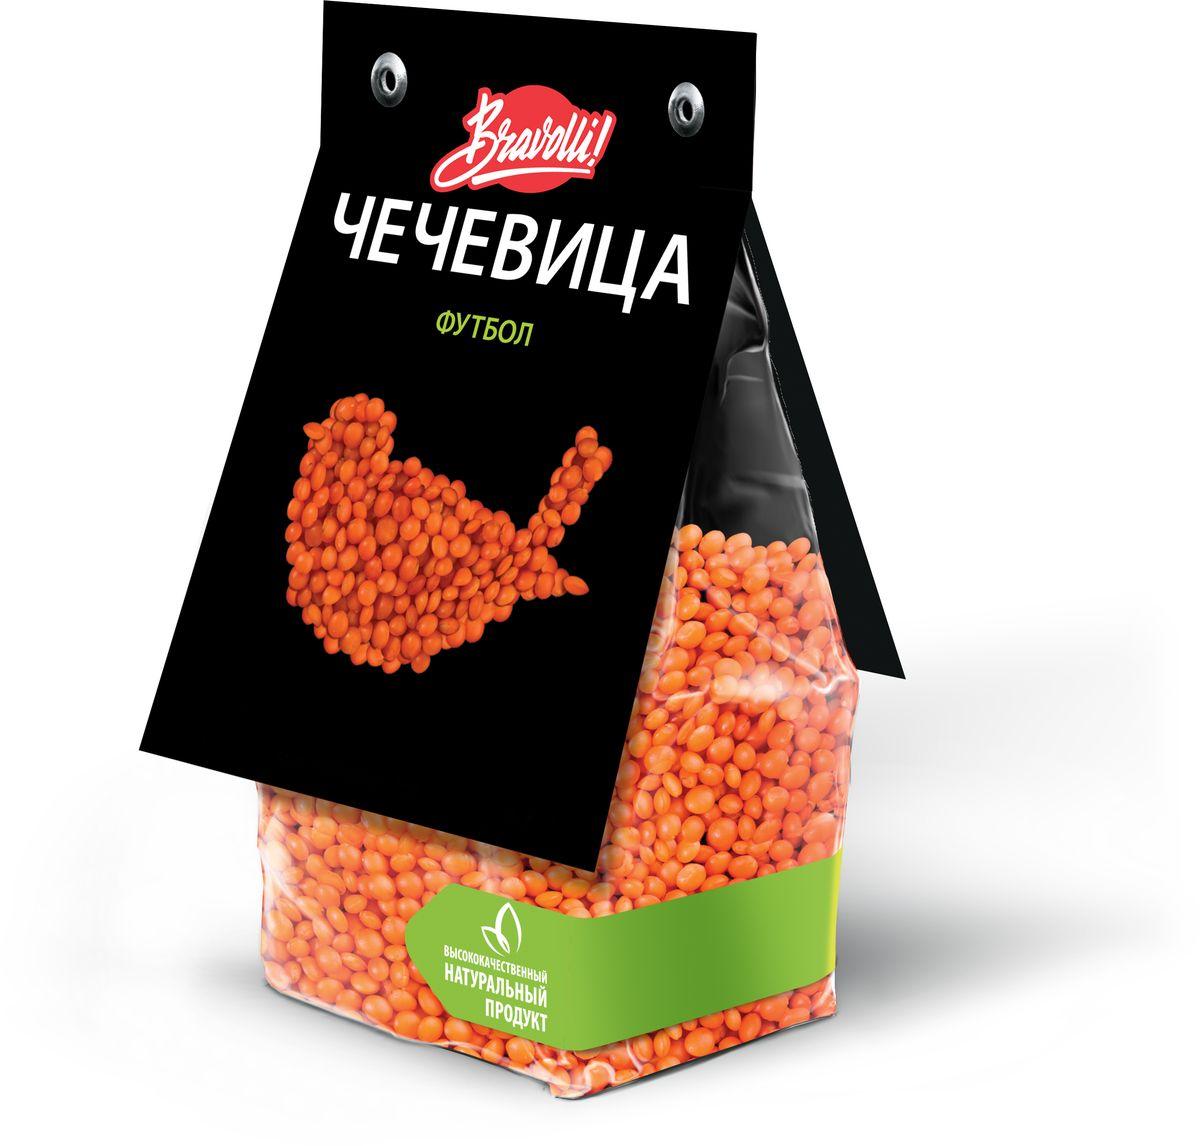 Красная чечевица Футбол похожа на маленький оранжевый мячик. Она довольно универсальна, замечательно подходит к разнообразным ингредиентам: овощи, мясо, рыба — всё, что пожелаешь. Не требует предварительного замачивания, время приготовления — 15 минут.